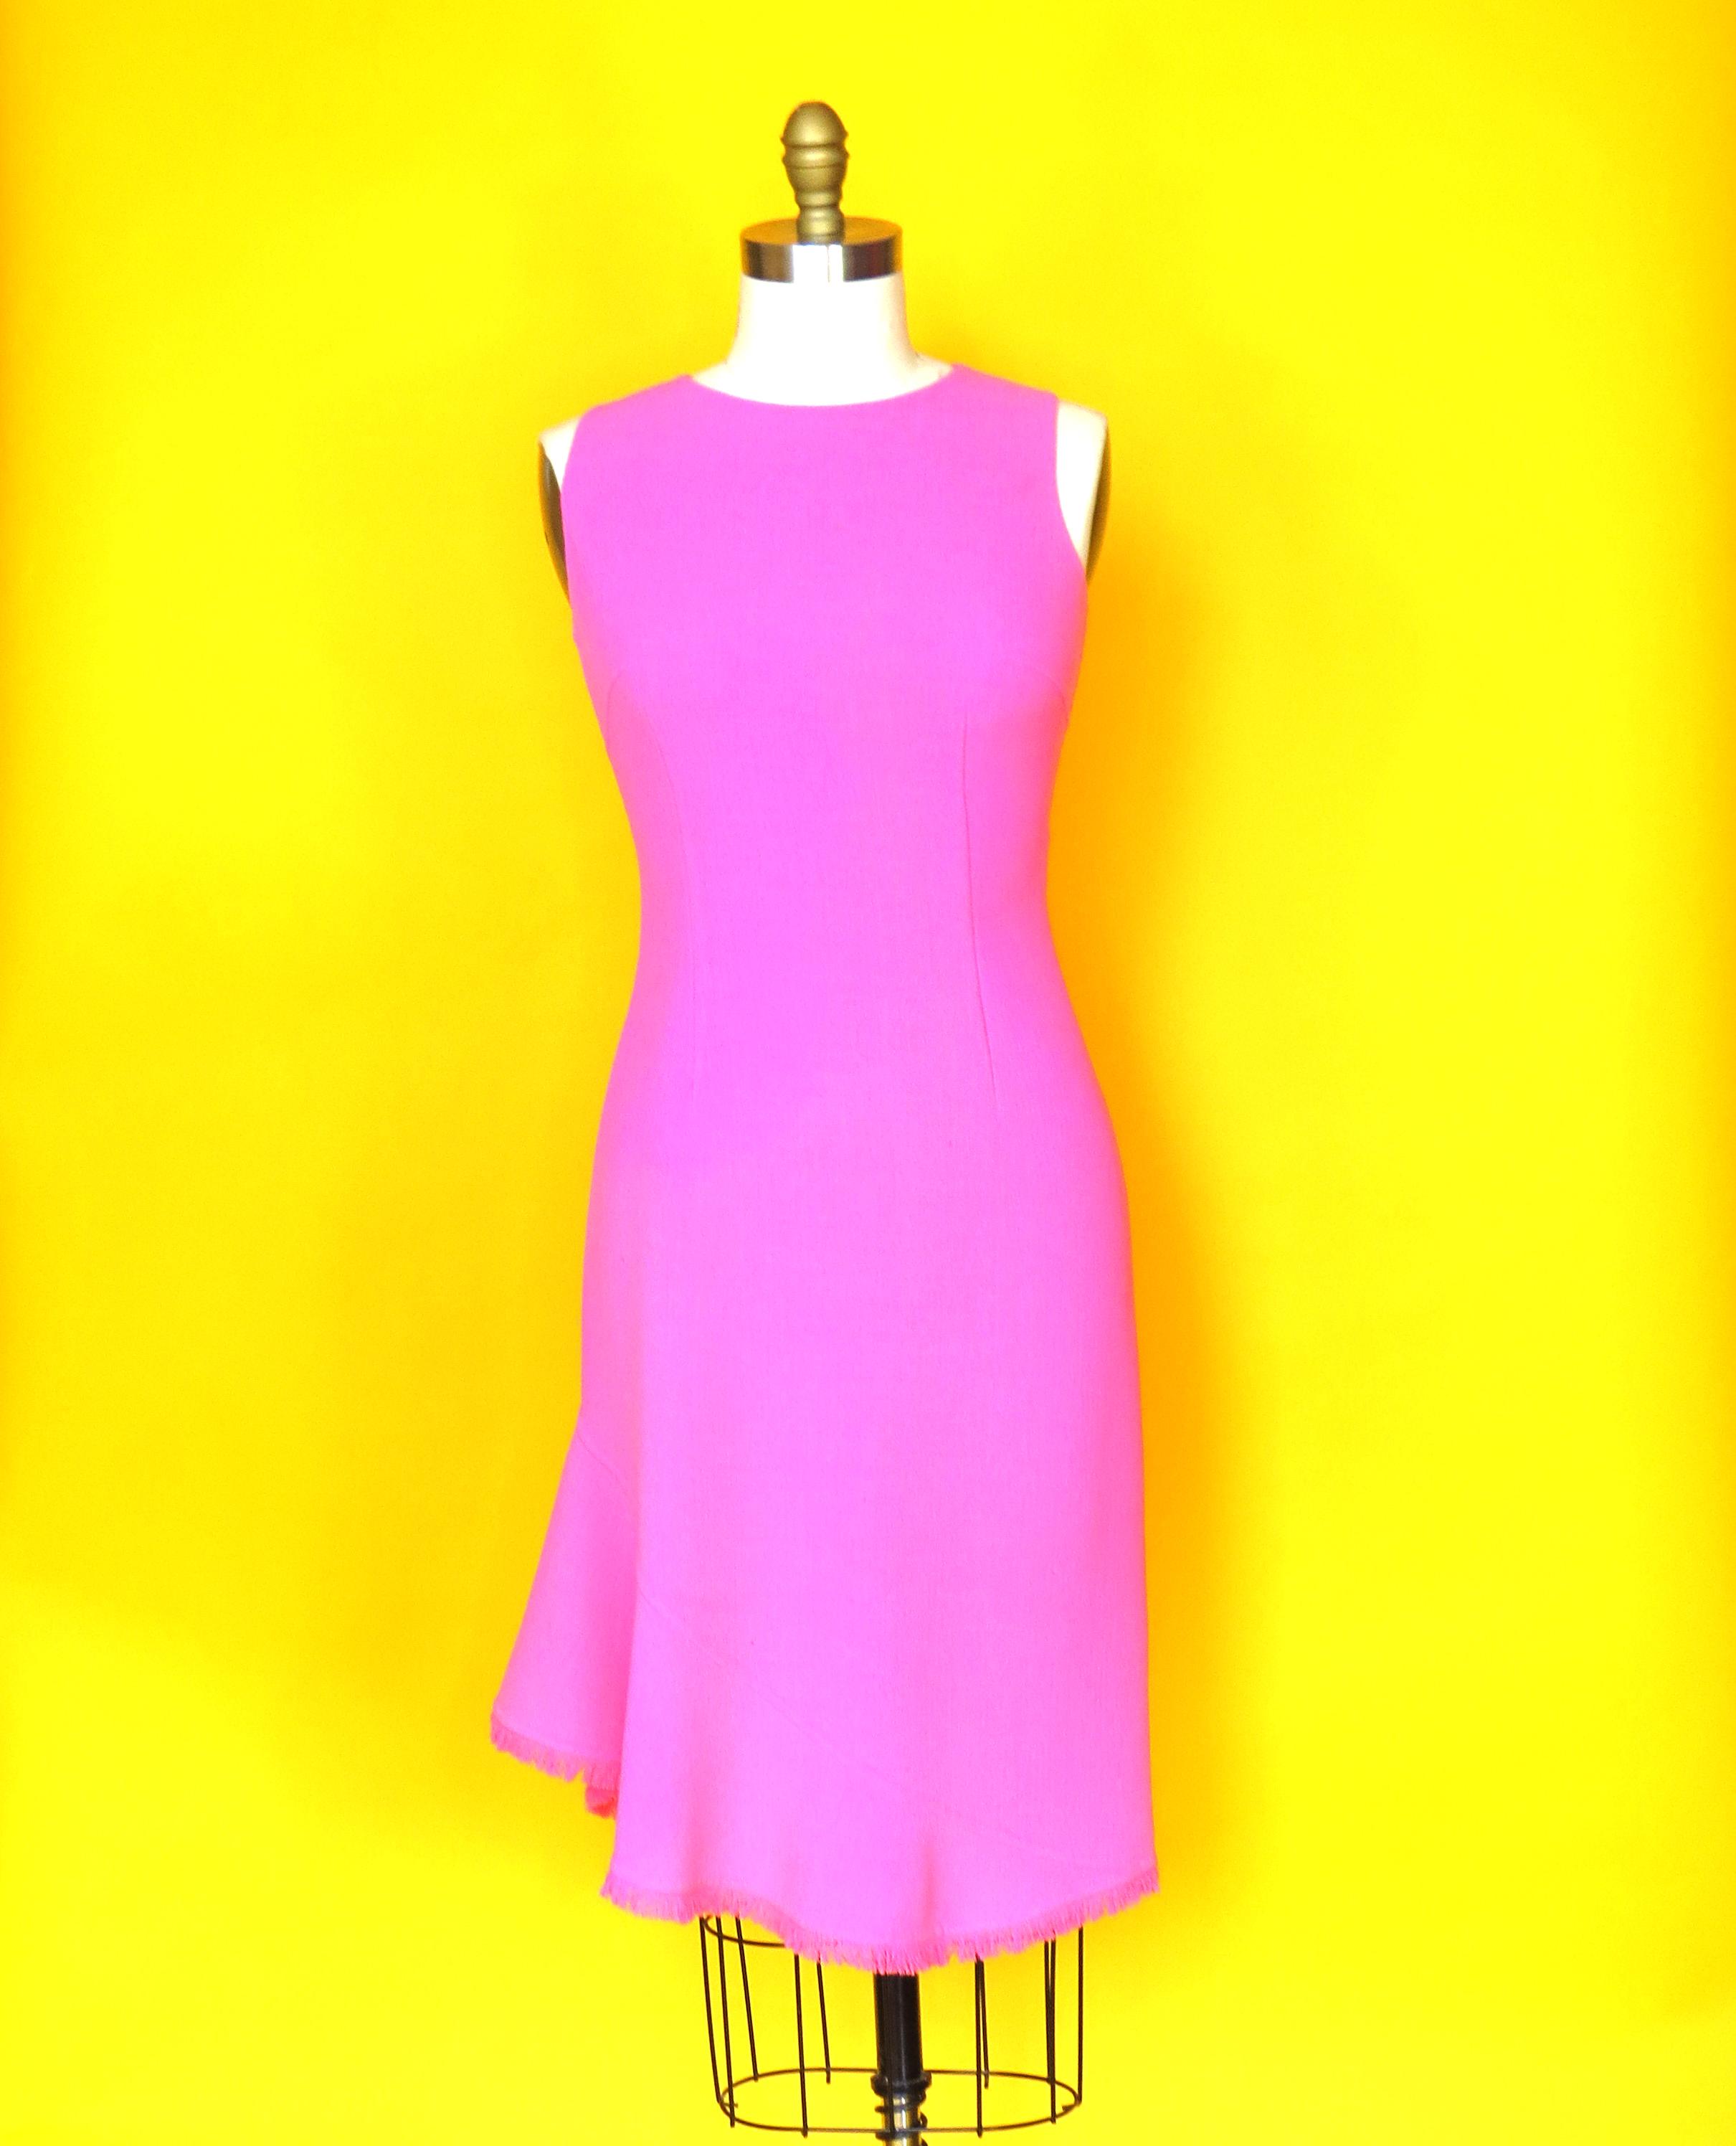 DESIGNER VINTAGE - Shop High Femme's selection of designer vintage..